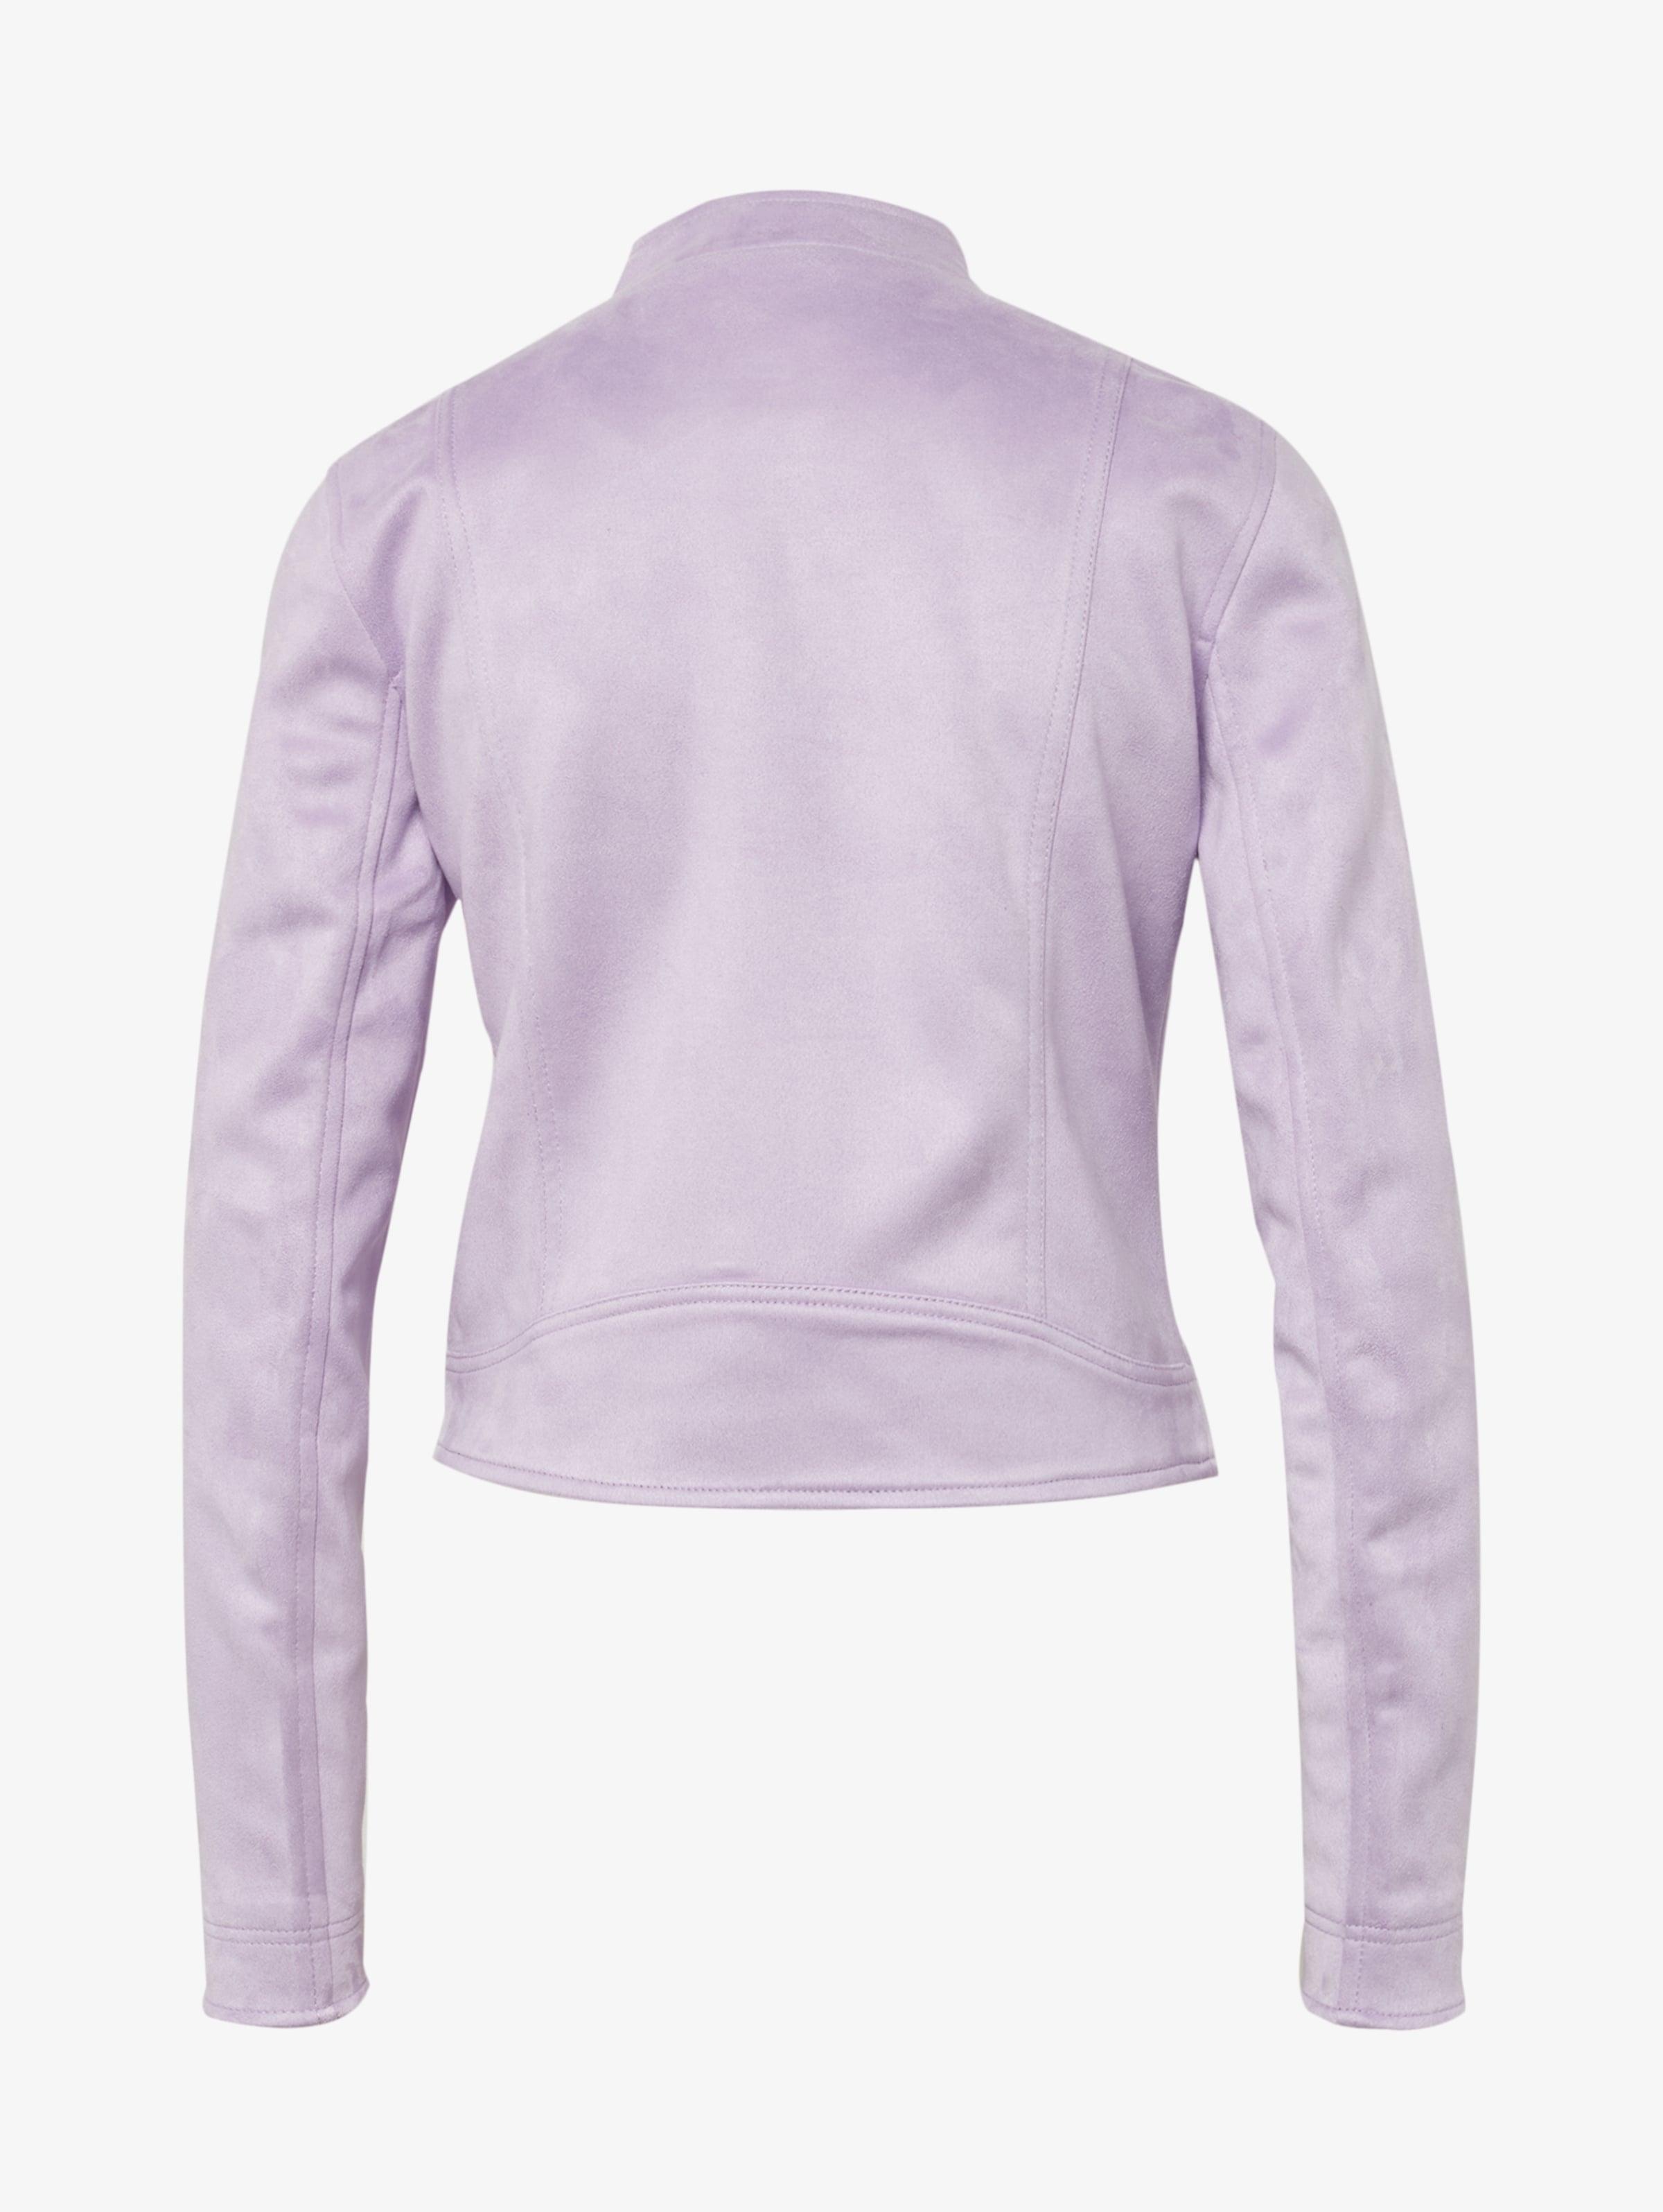 Tom Tailor Jacke In Denim Lavendel BoredWCx